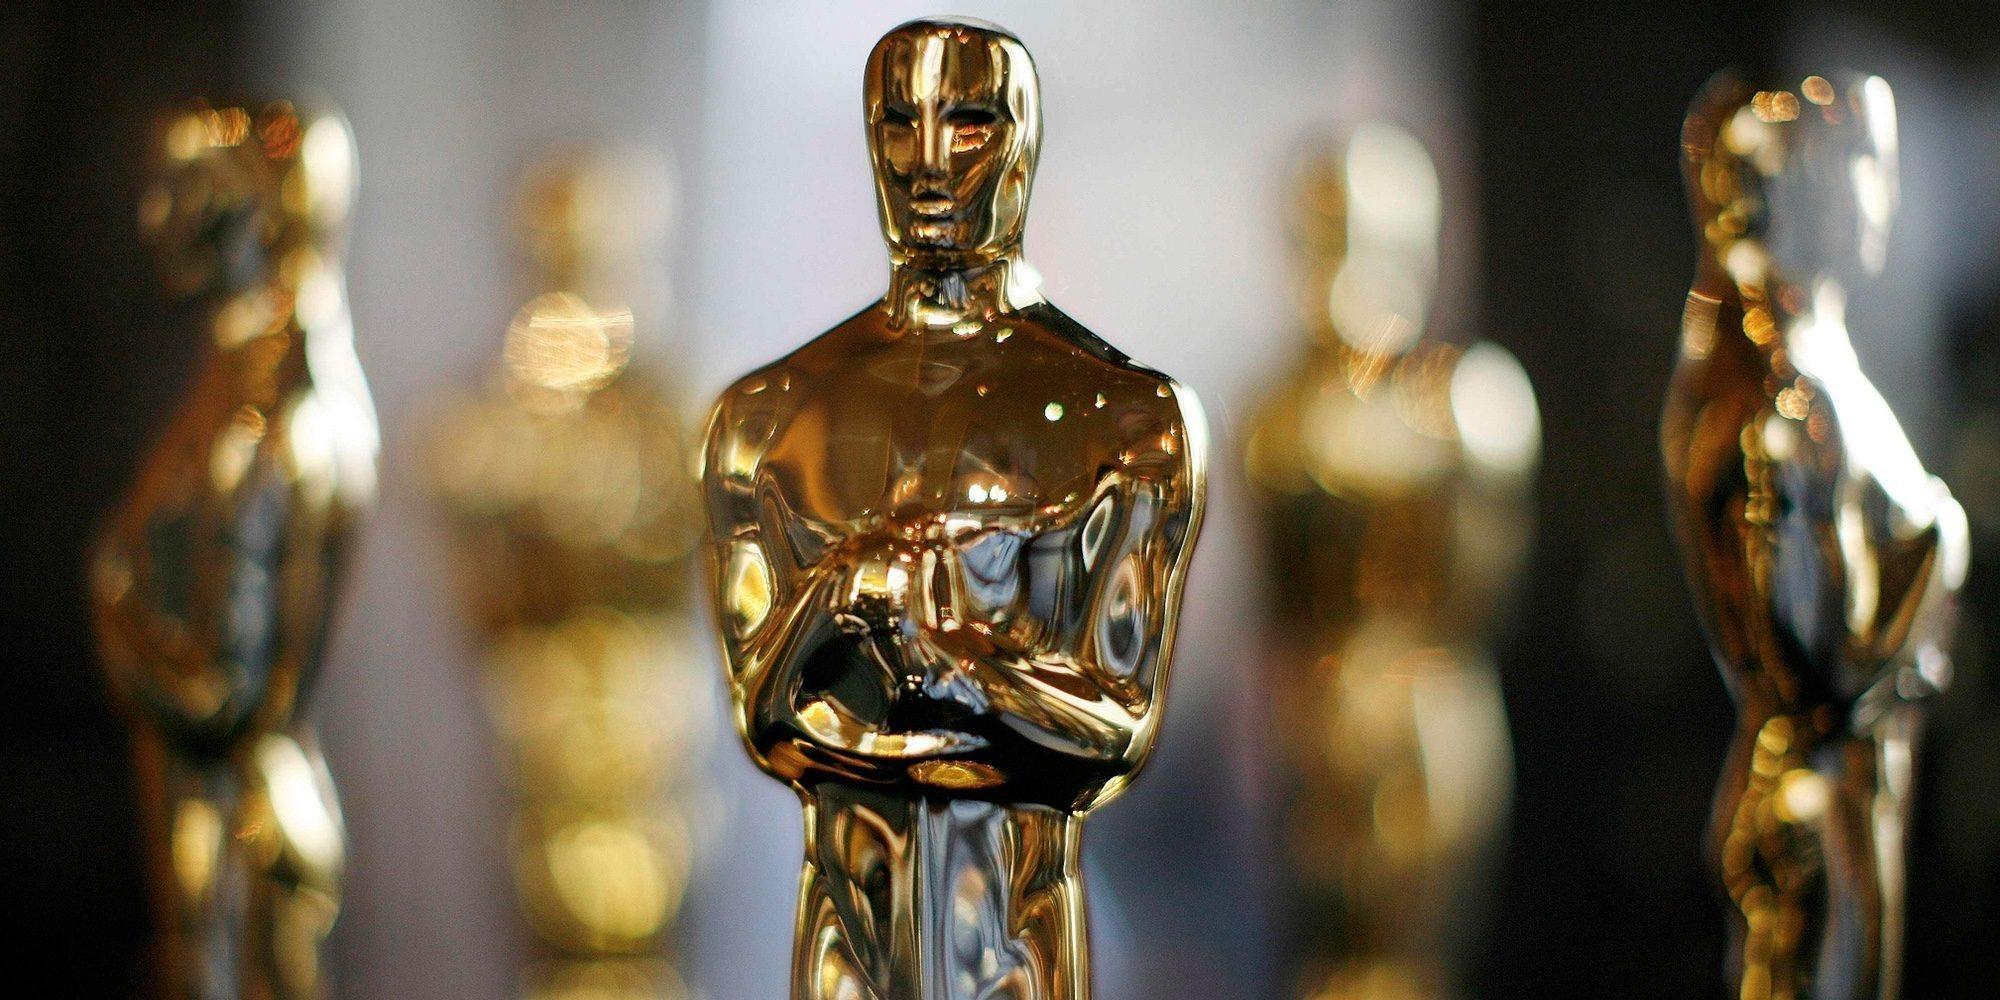 Lista completa de ganadores de los Premios Oscar 2019